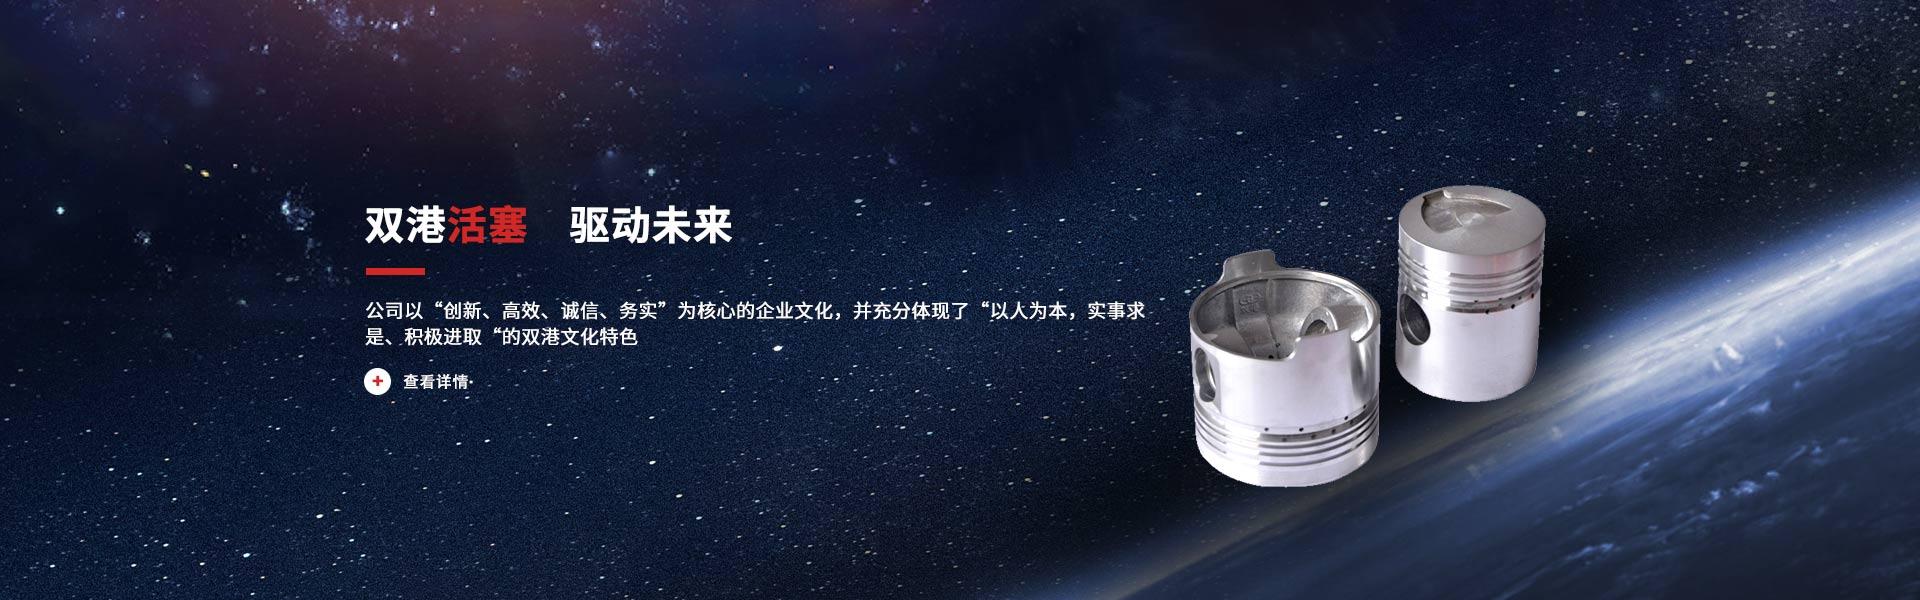 Shandong Shuanggang Piston Co., Ltd.